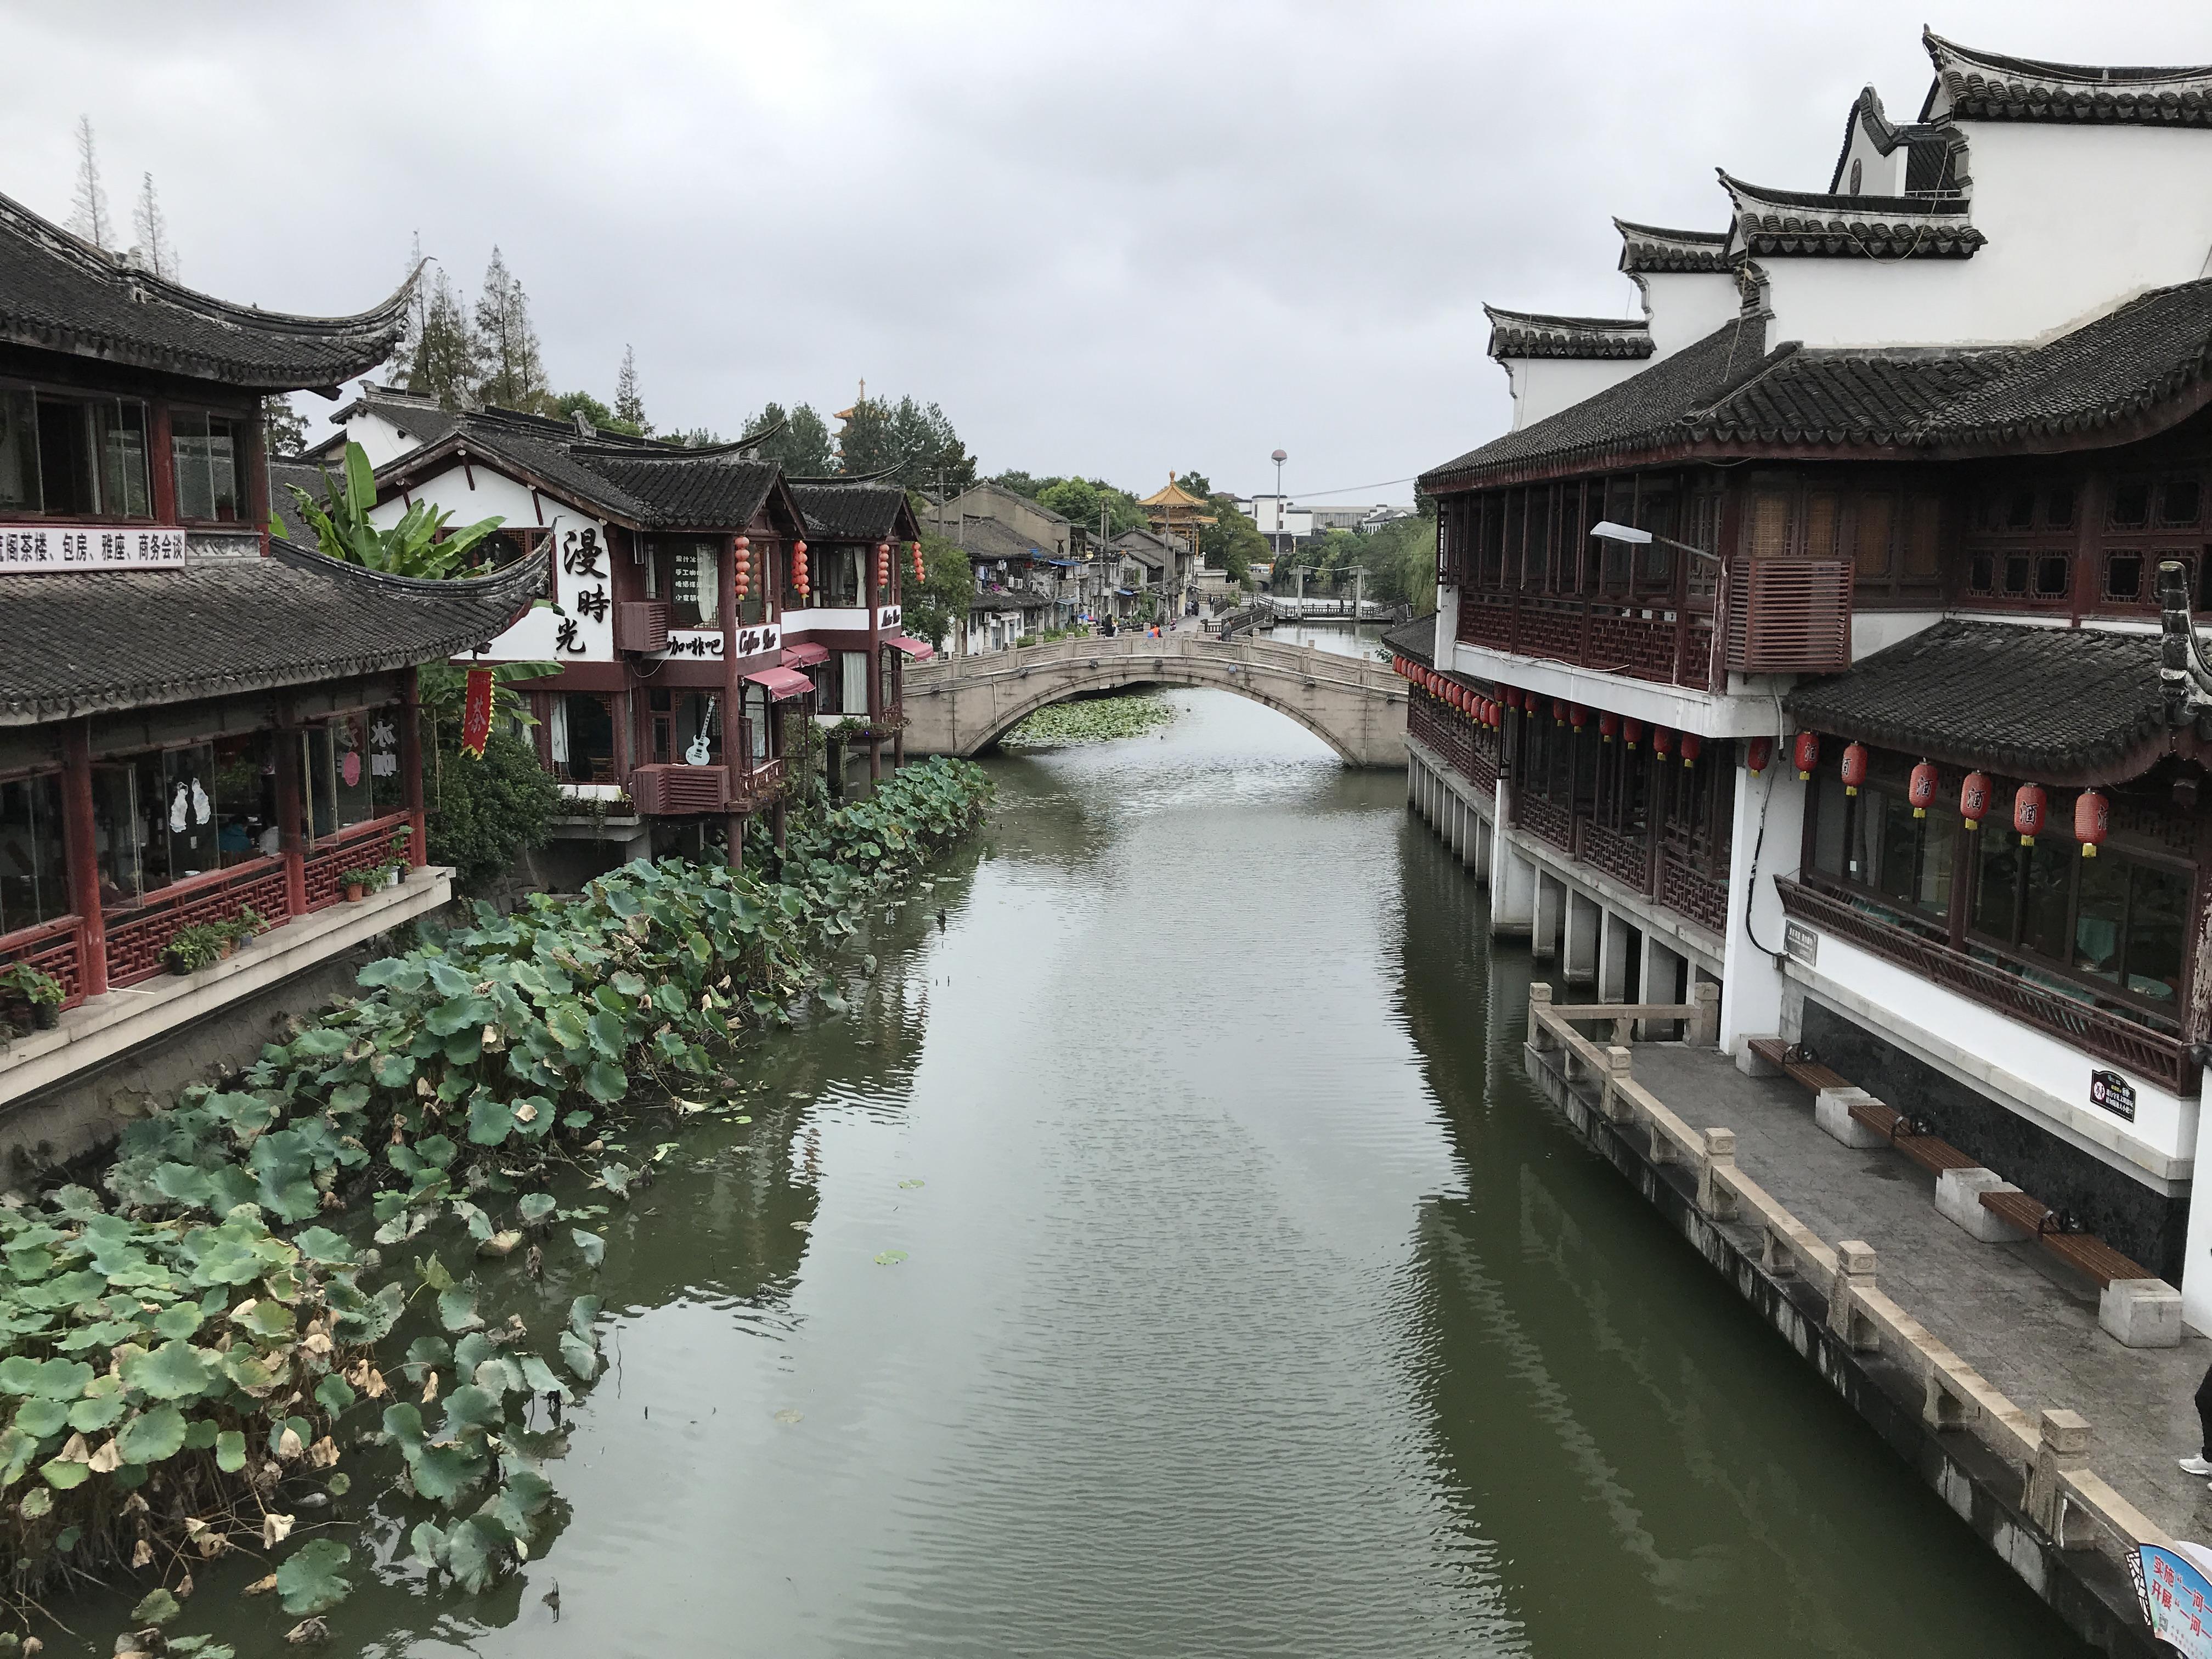 【七宝老街】上海中心部から一番近い水郷で古き良き中国観光&グルメ